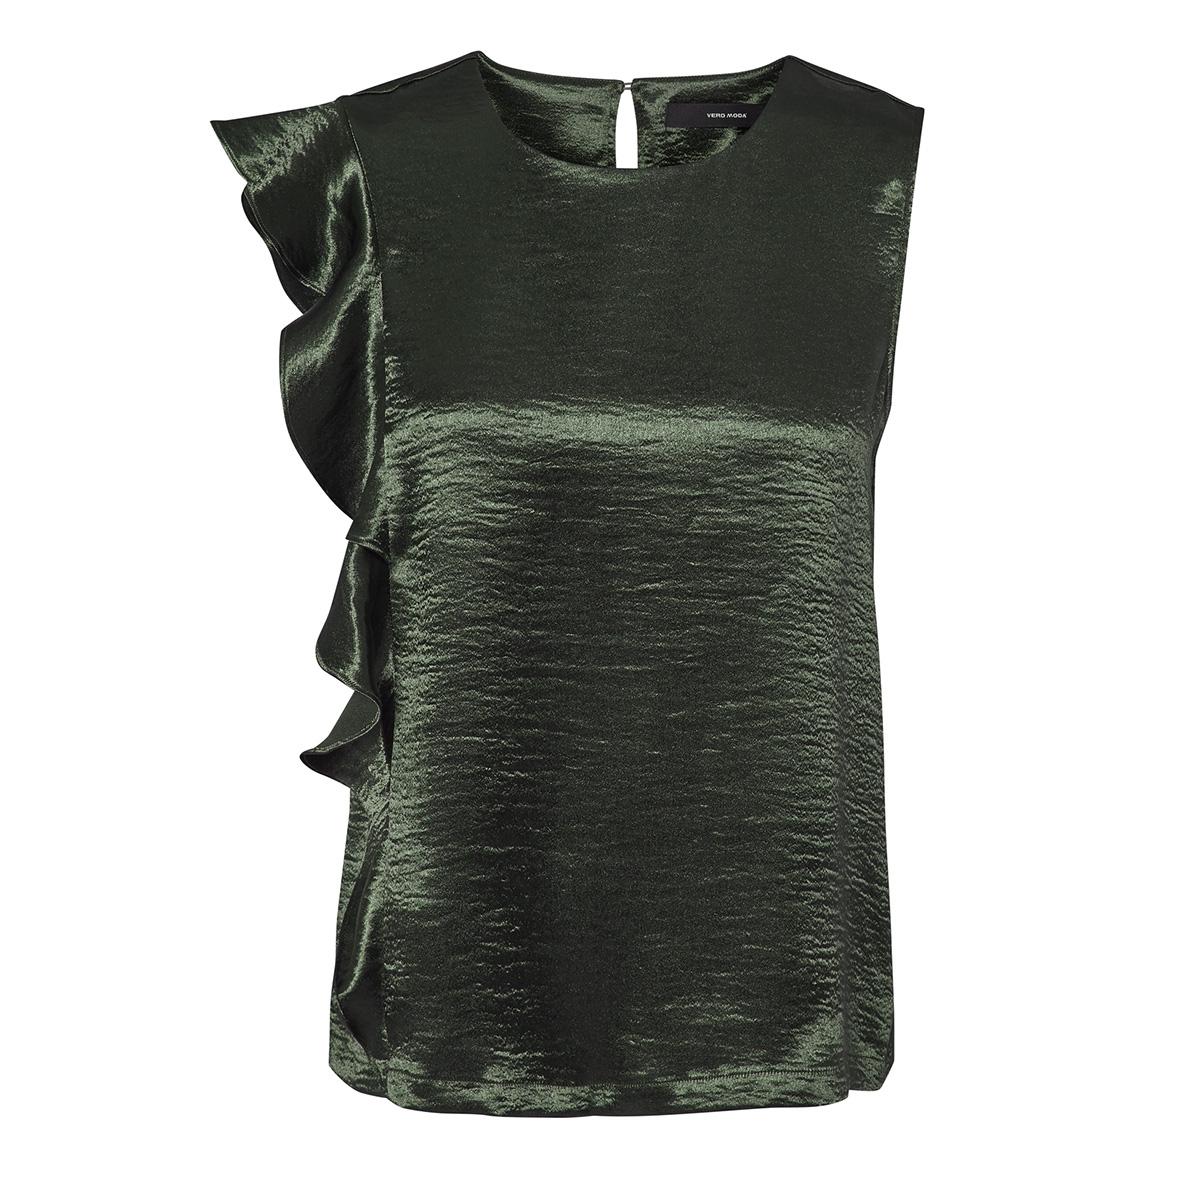 vmshila sl top lcs 10187907 vero moda top green gables